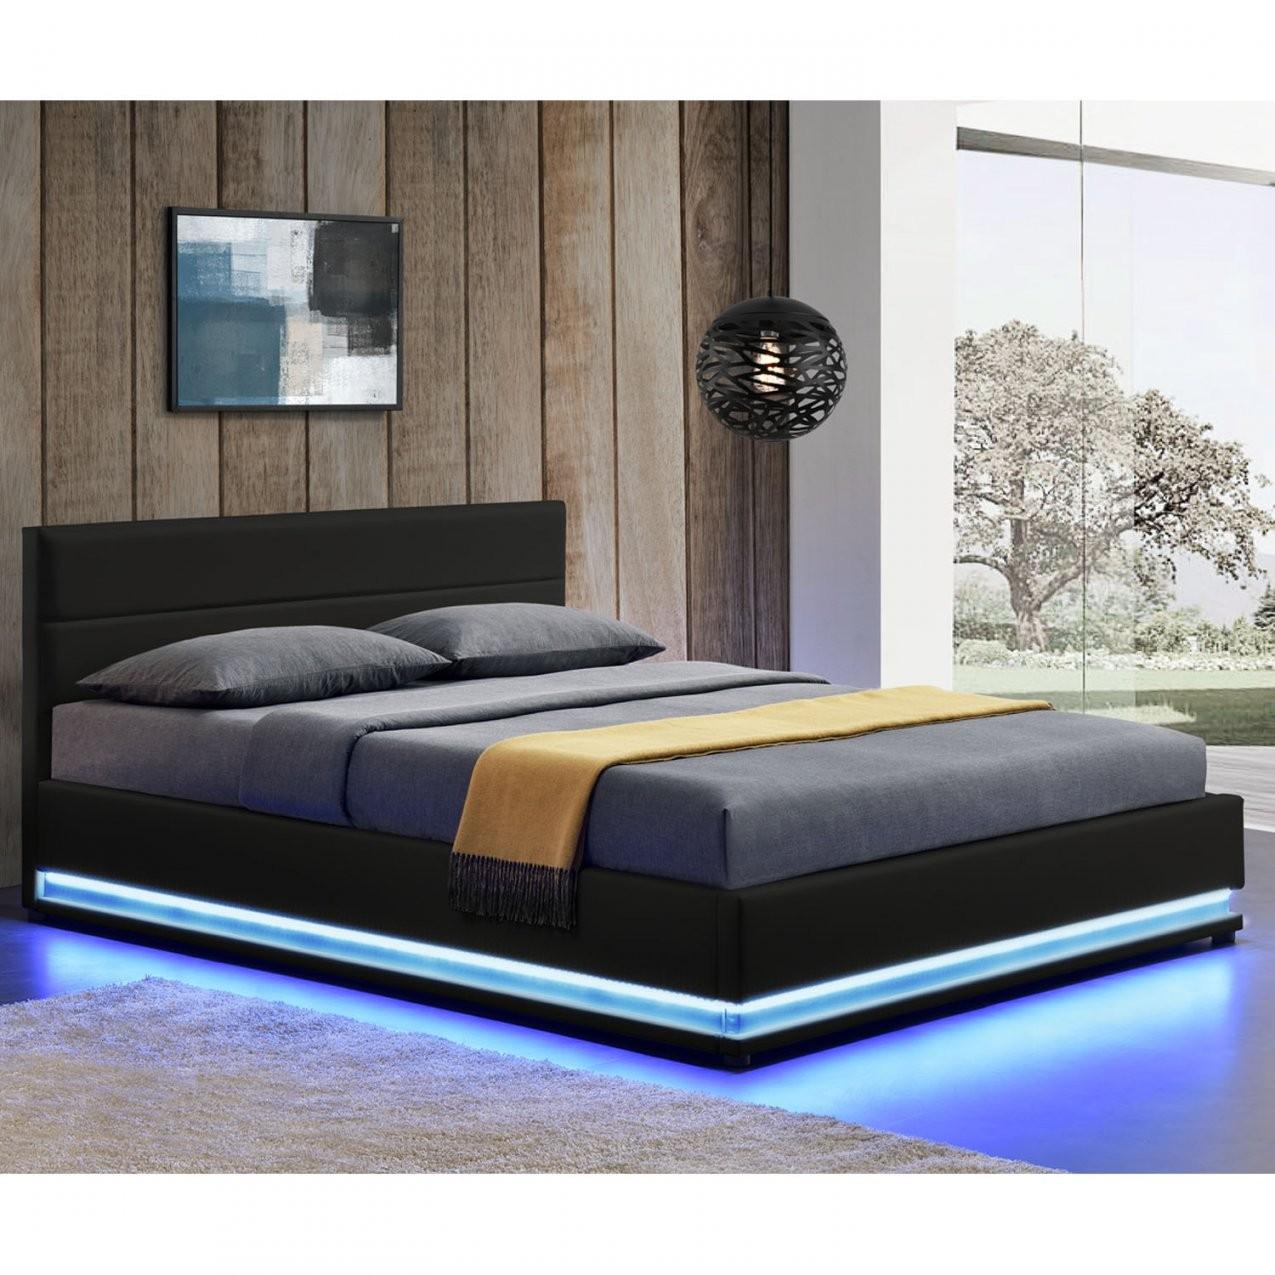 Polsterbett Led Doppelbett Bett Bettgestell Lattenrost von Led Bett 180X200 Photo